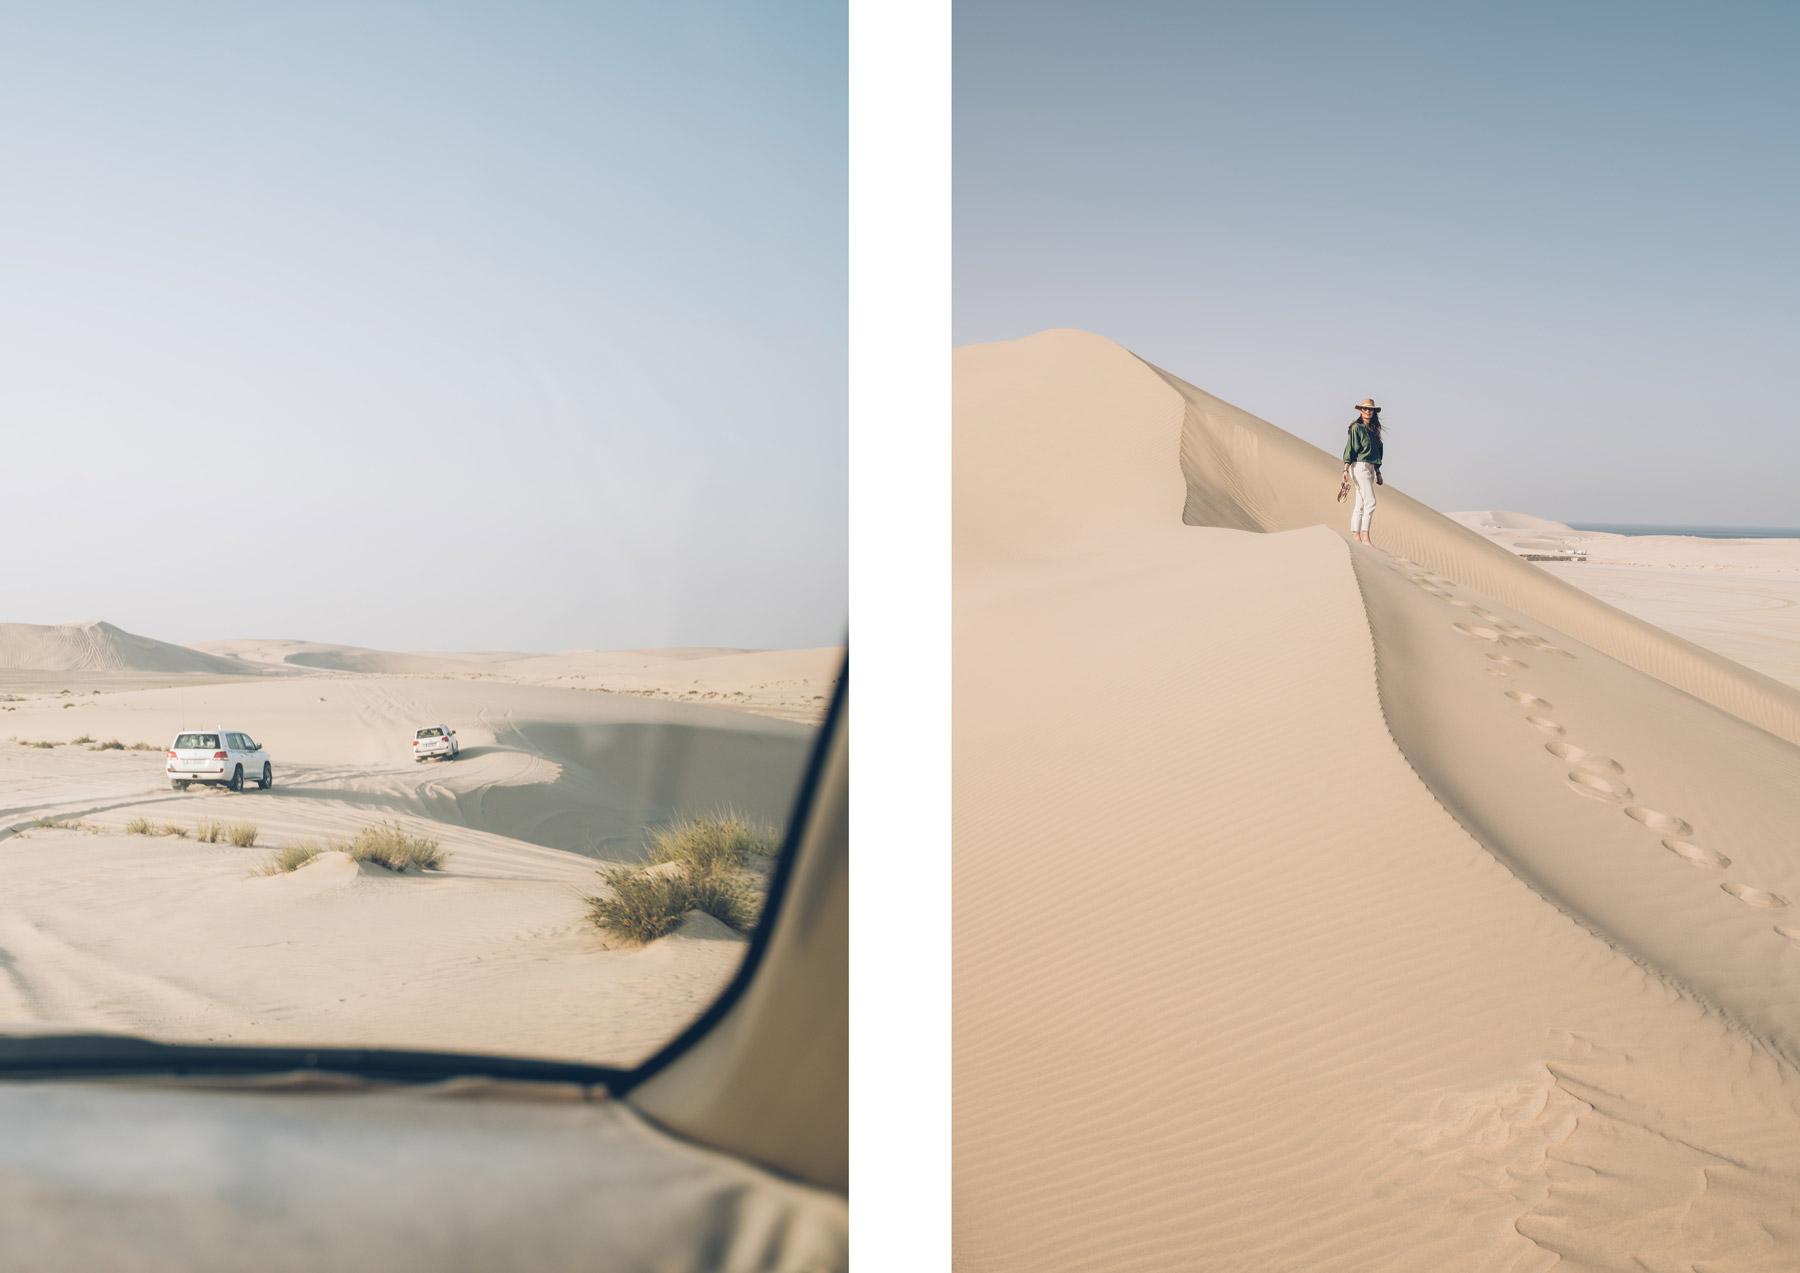 Dune de sable au Qatar